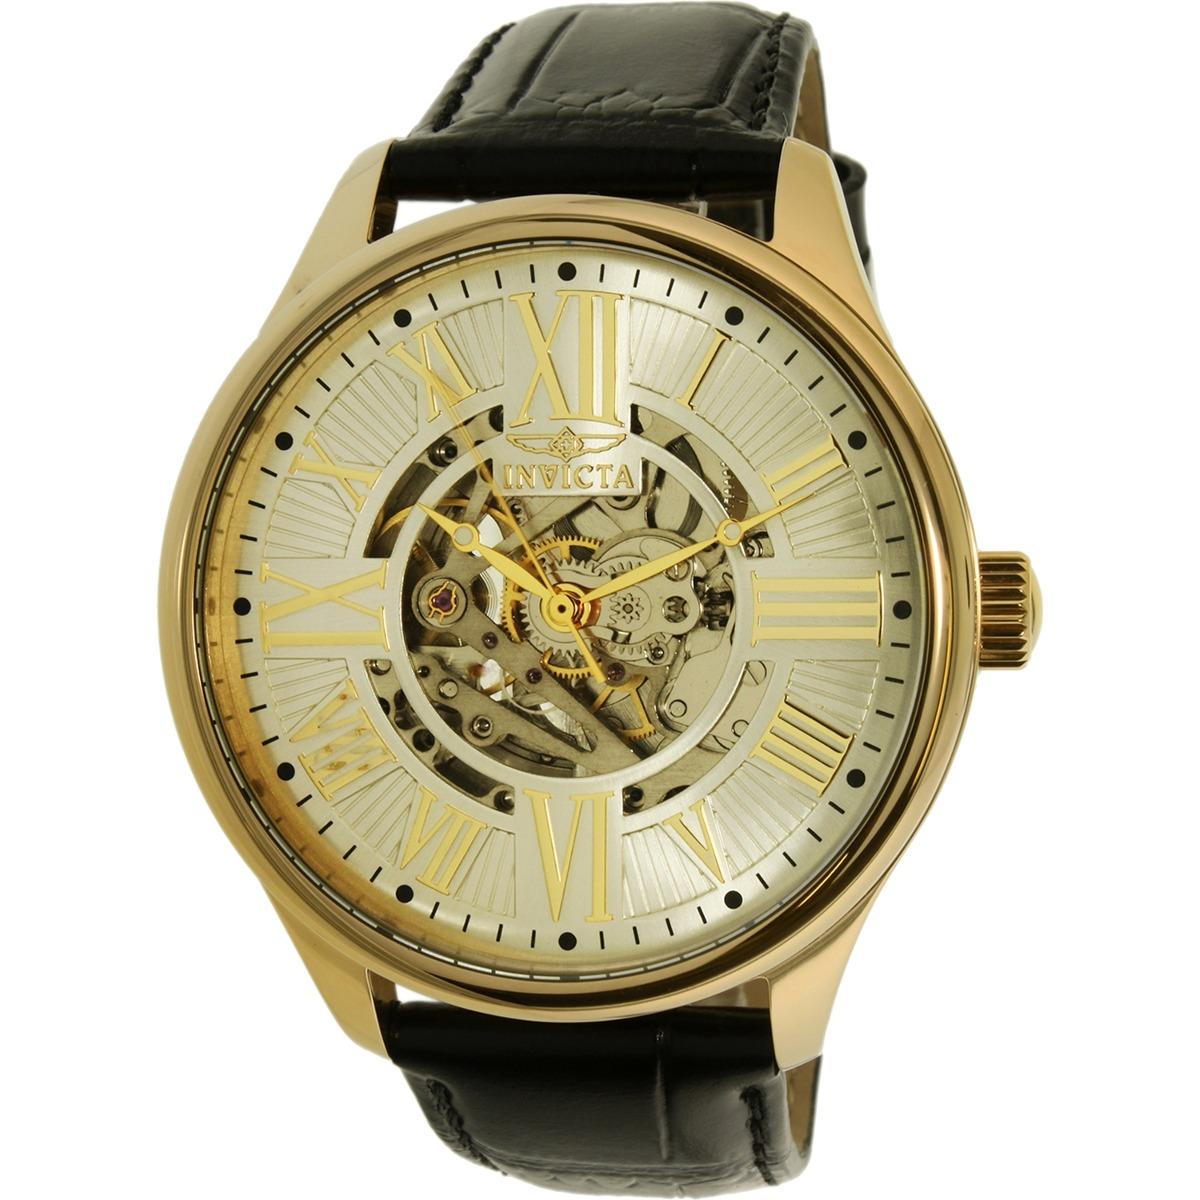 c9049f10d4da reloj invicta 22568 vintage con cuero genuino negro p hombre. Cargando zoom.